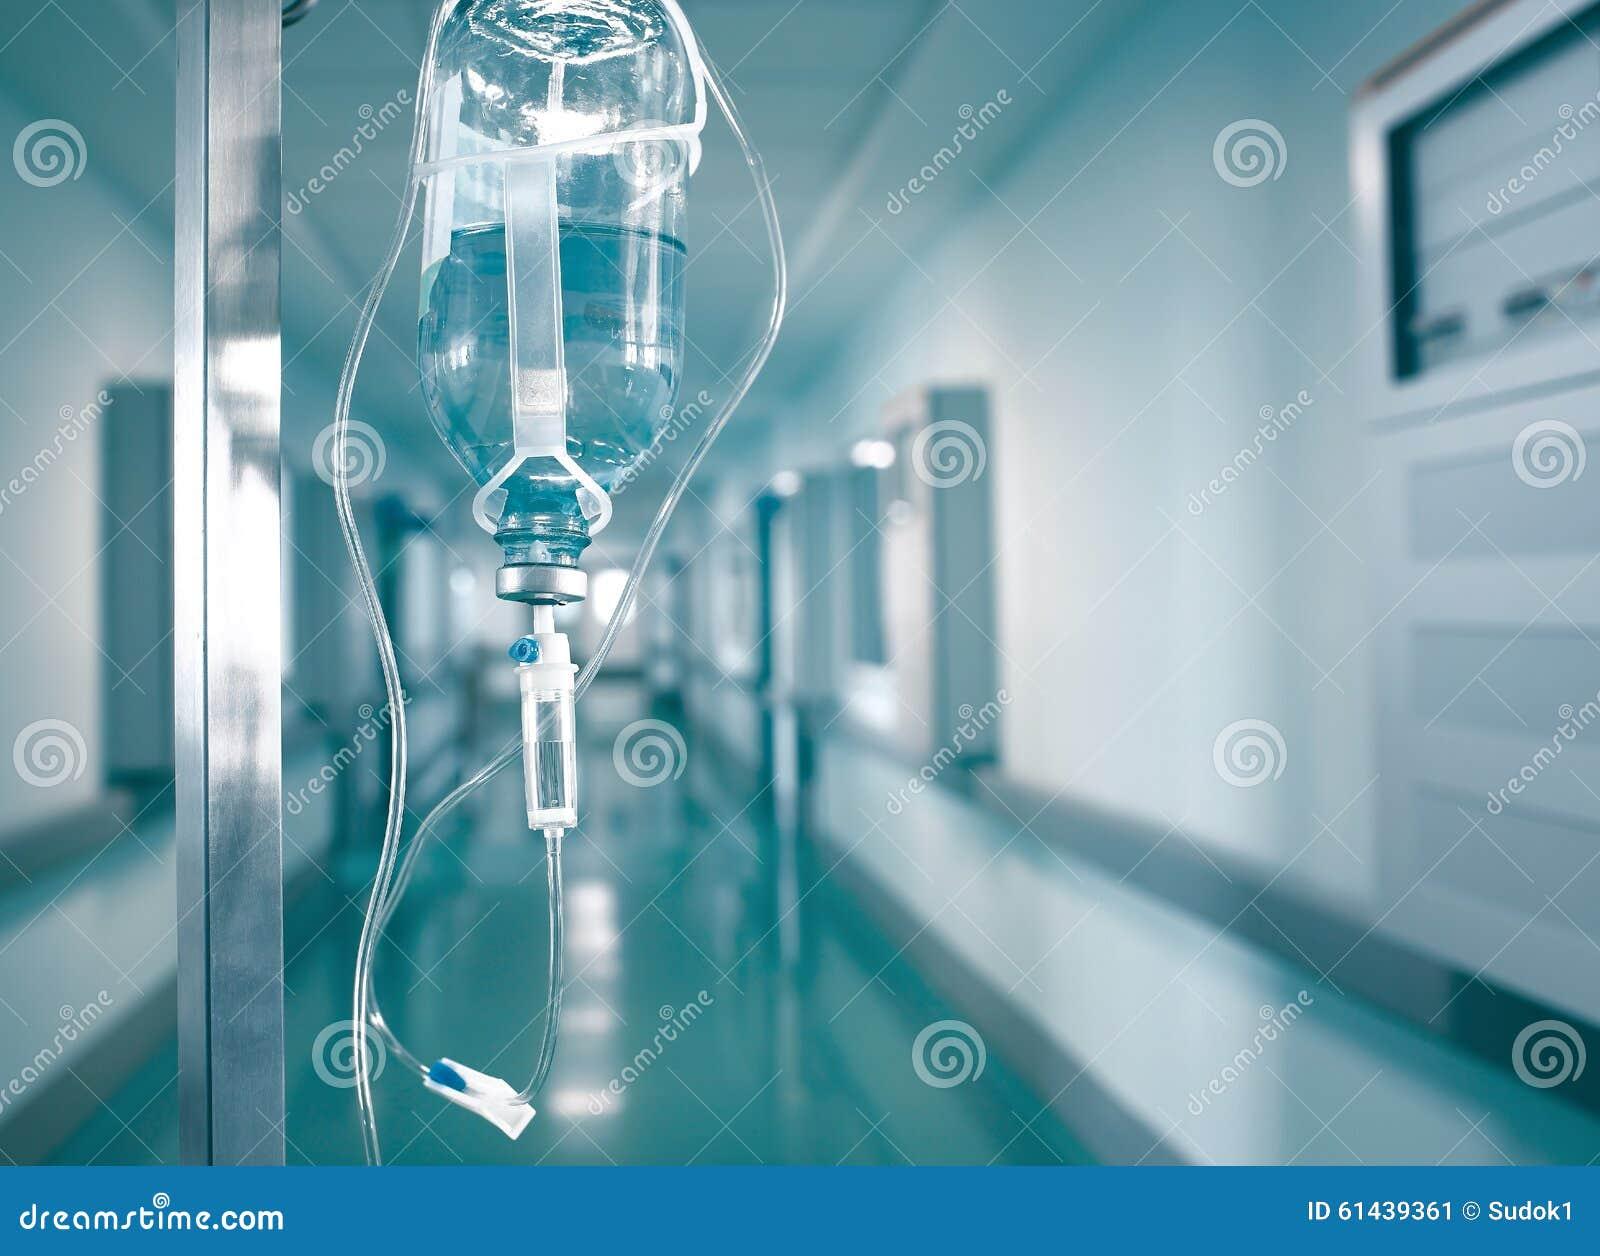 Εντατική θεραπεία με τα ενδοφλέβια φάρμακα σε IV σταλαγματιά